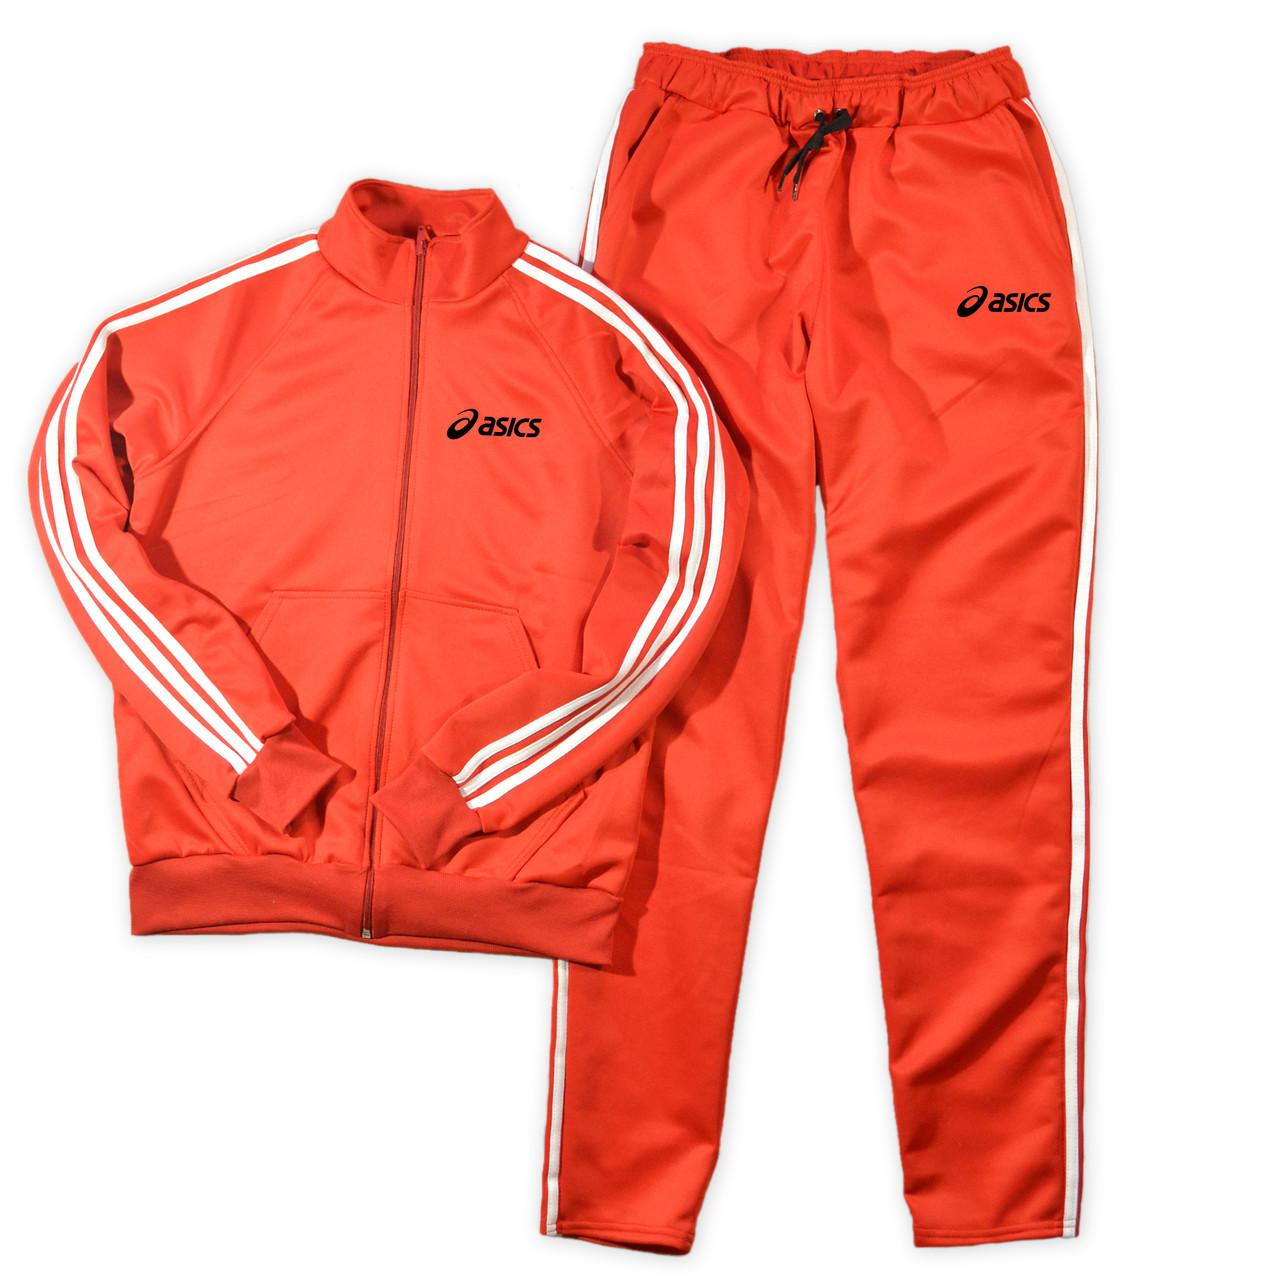 Червоний чоловічий спортивний костюм Asics (Асикс)